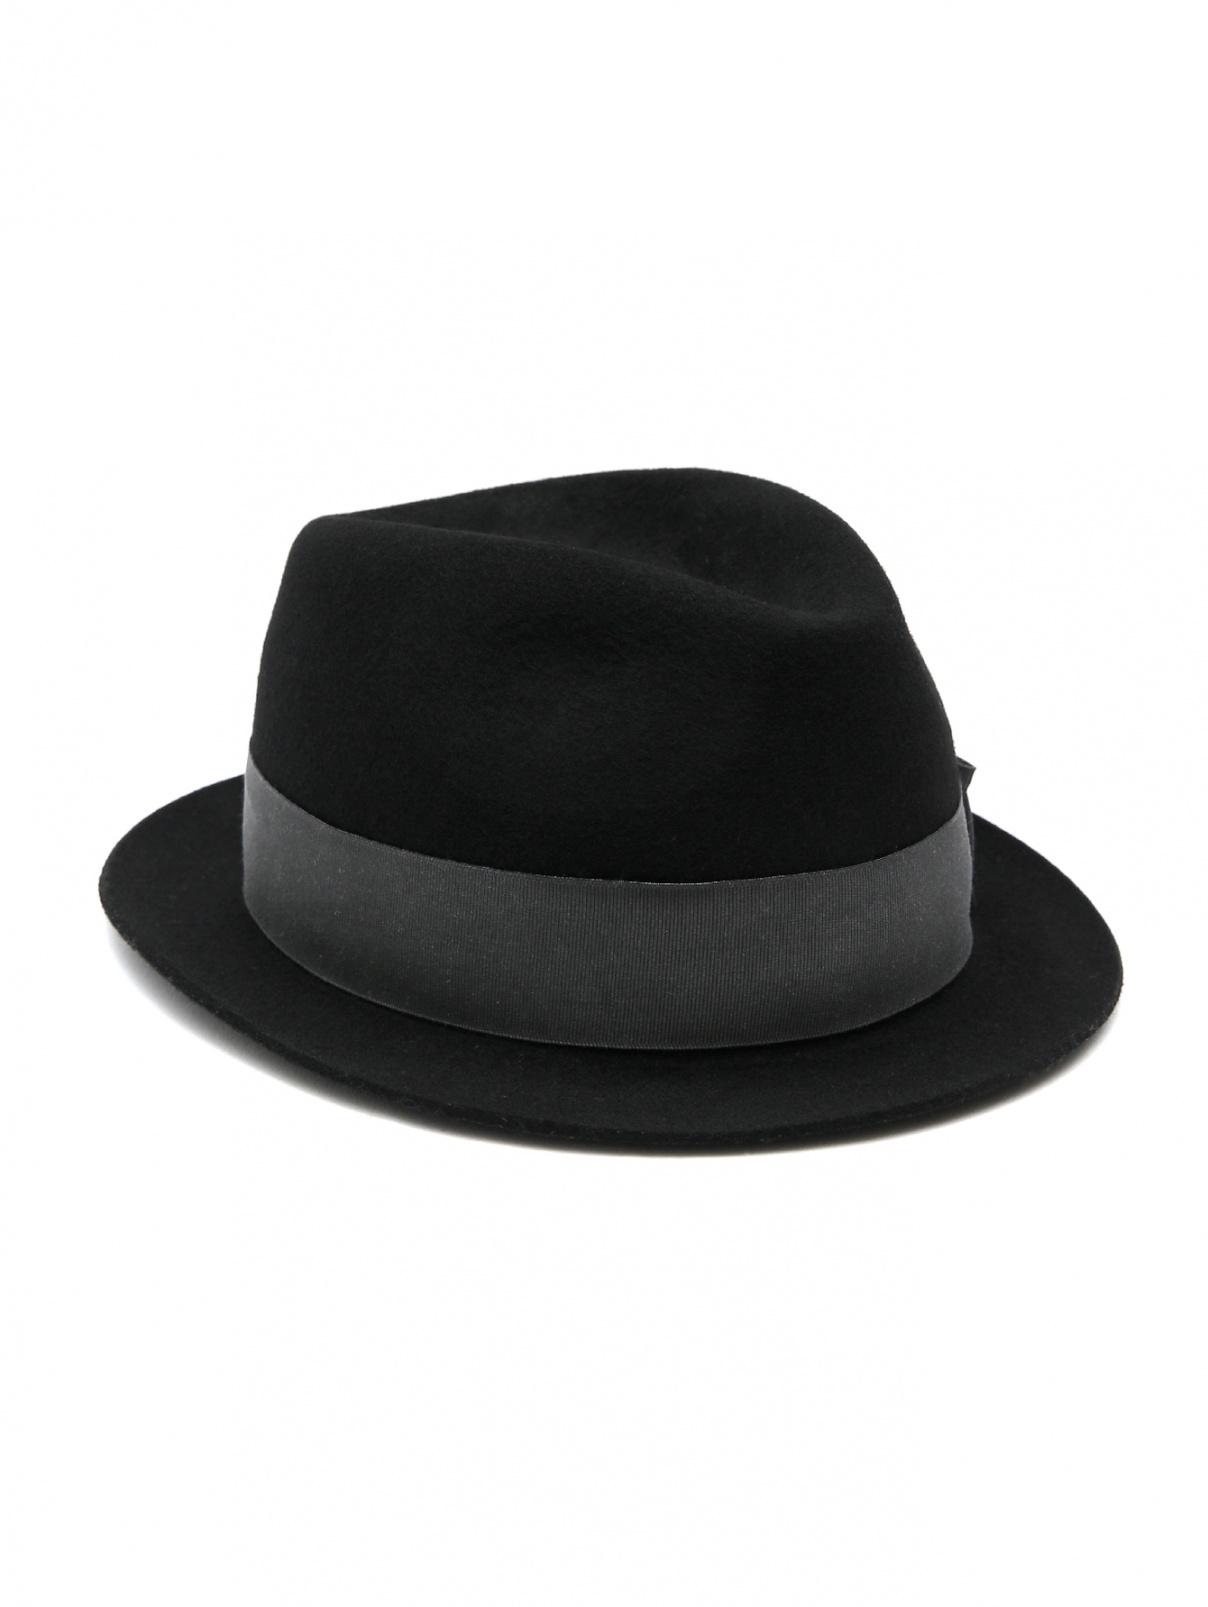 Однотонная шляпа из шерсти Paul Smith  –  Общий вид  – Цвет:  Черный